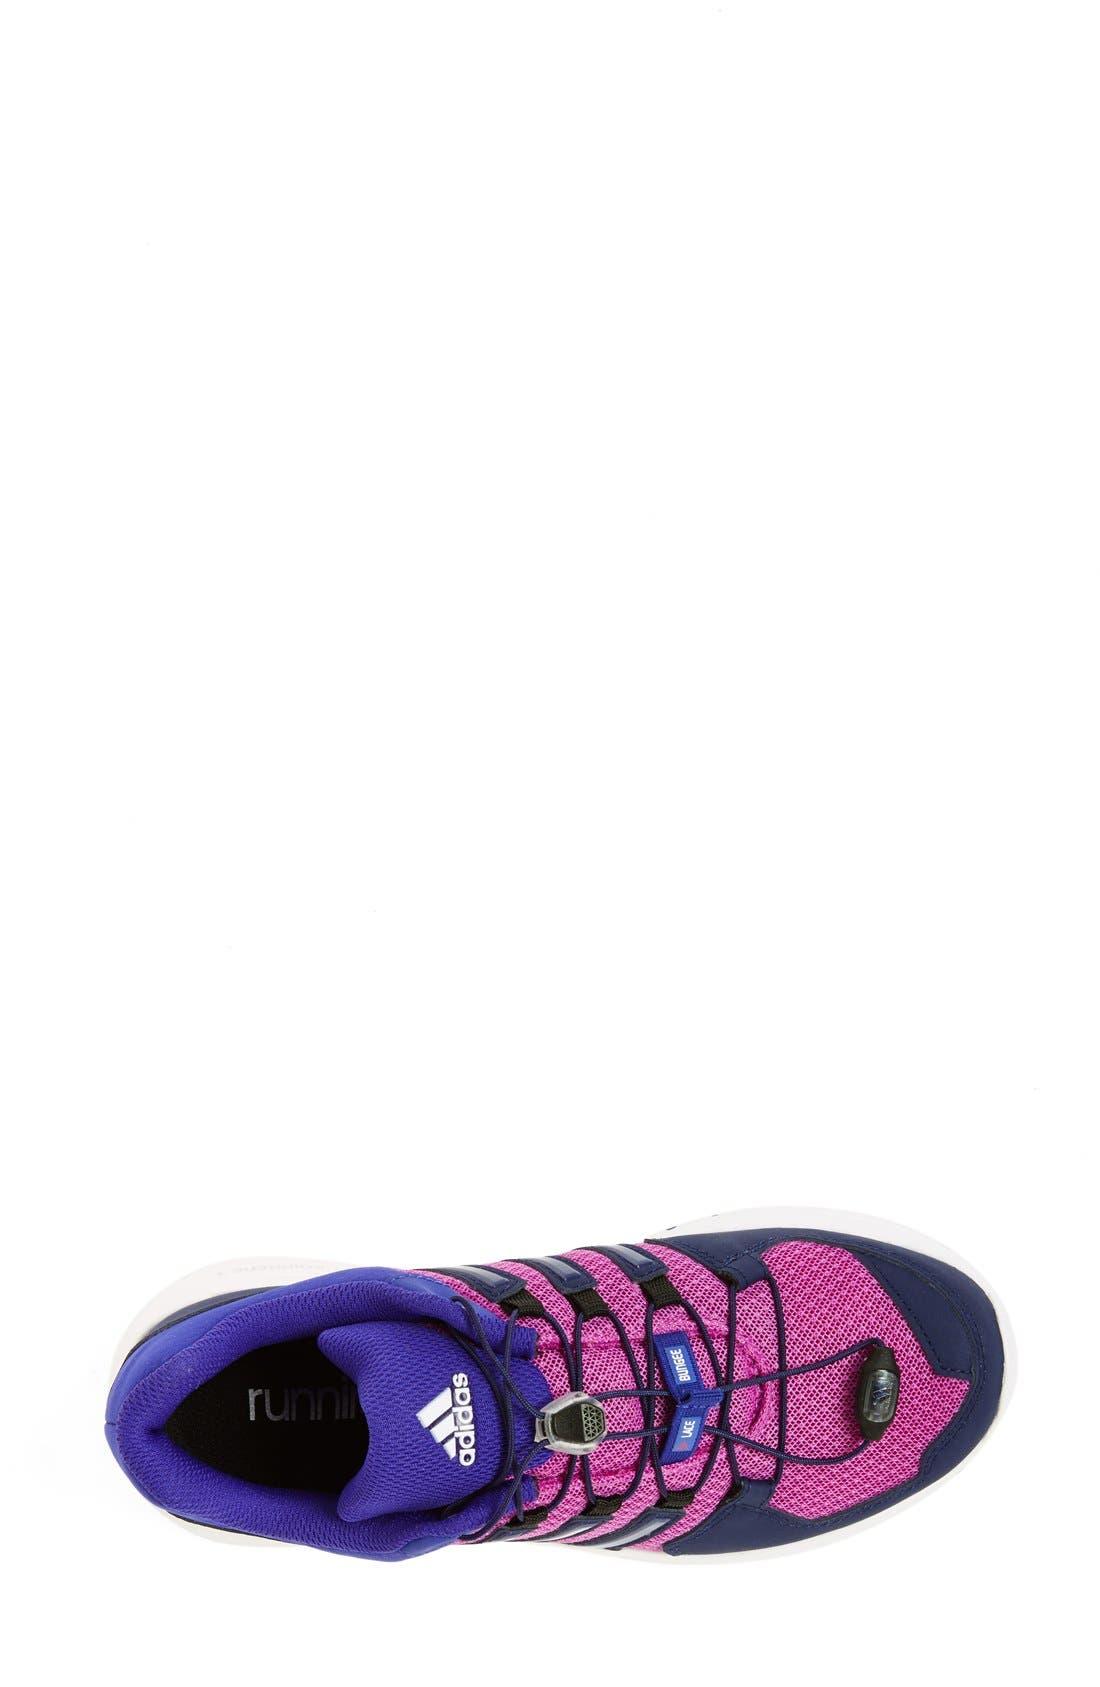 Alternate Image 3  - adidas 'Duramo Cross Trail' Running Shoe (Women)